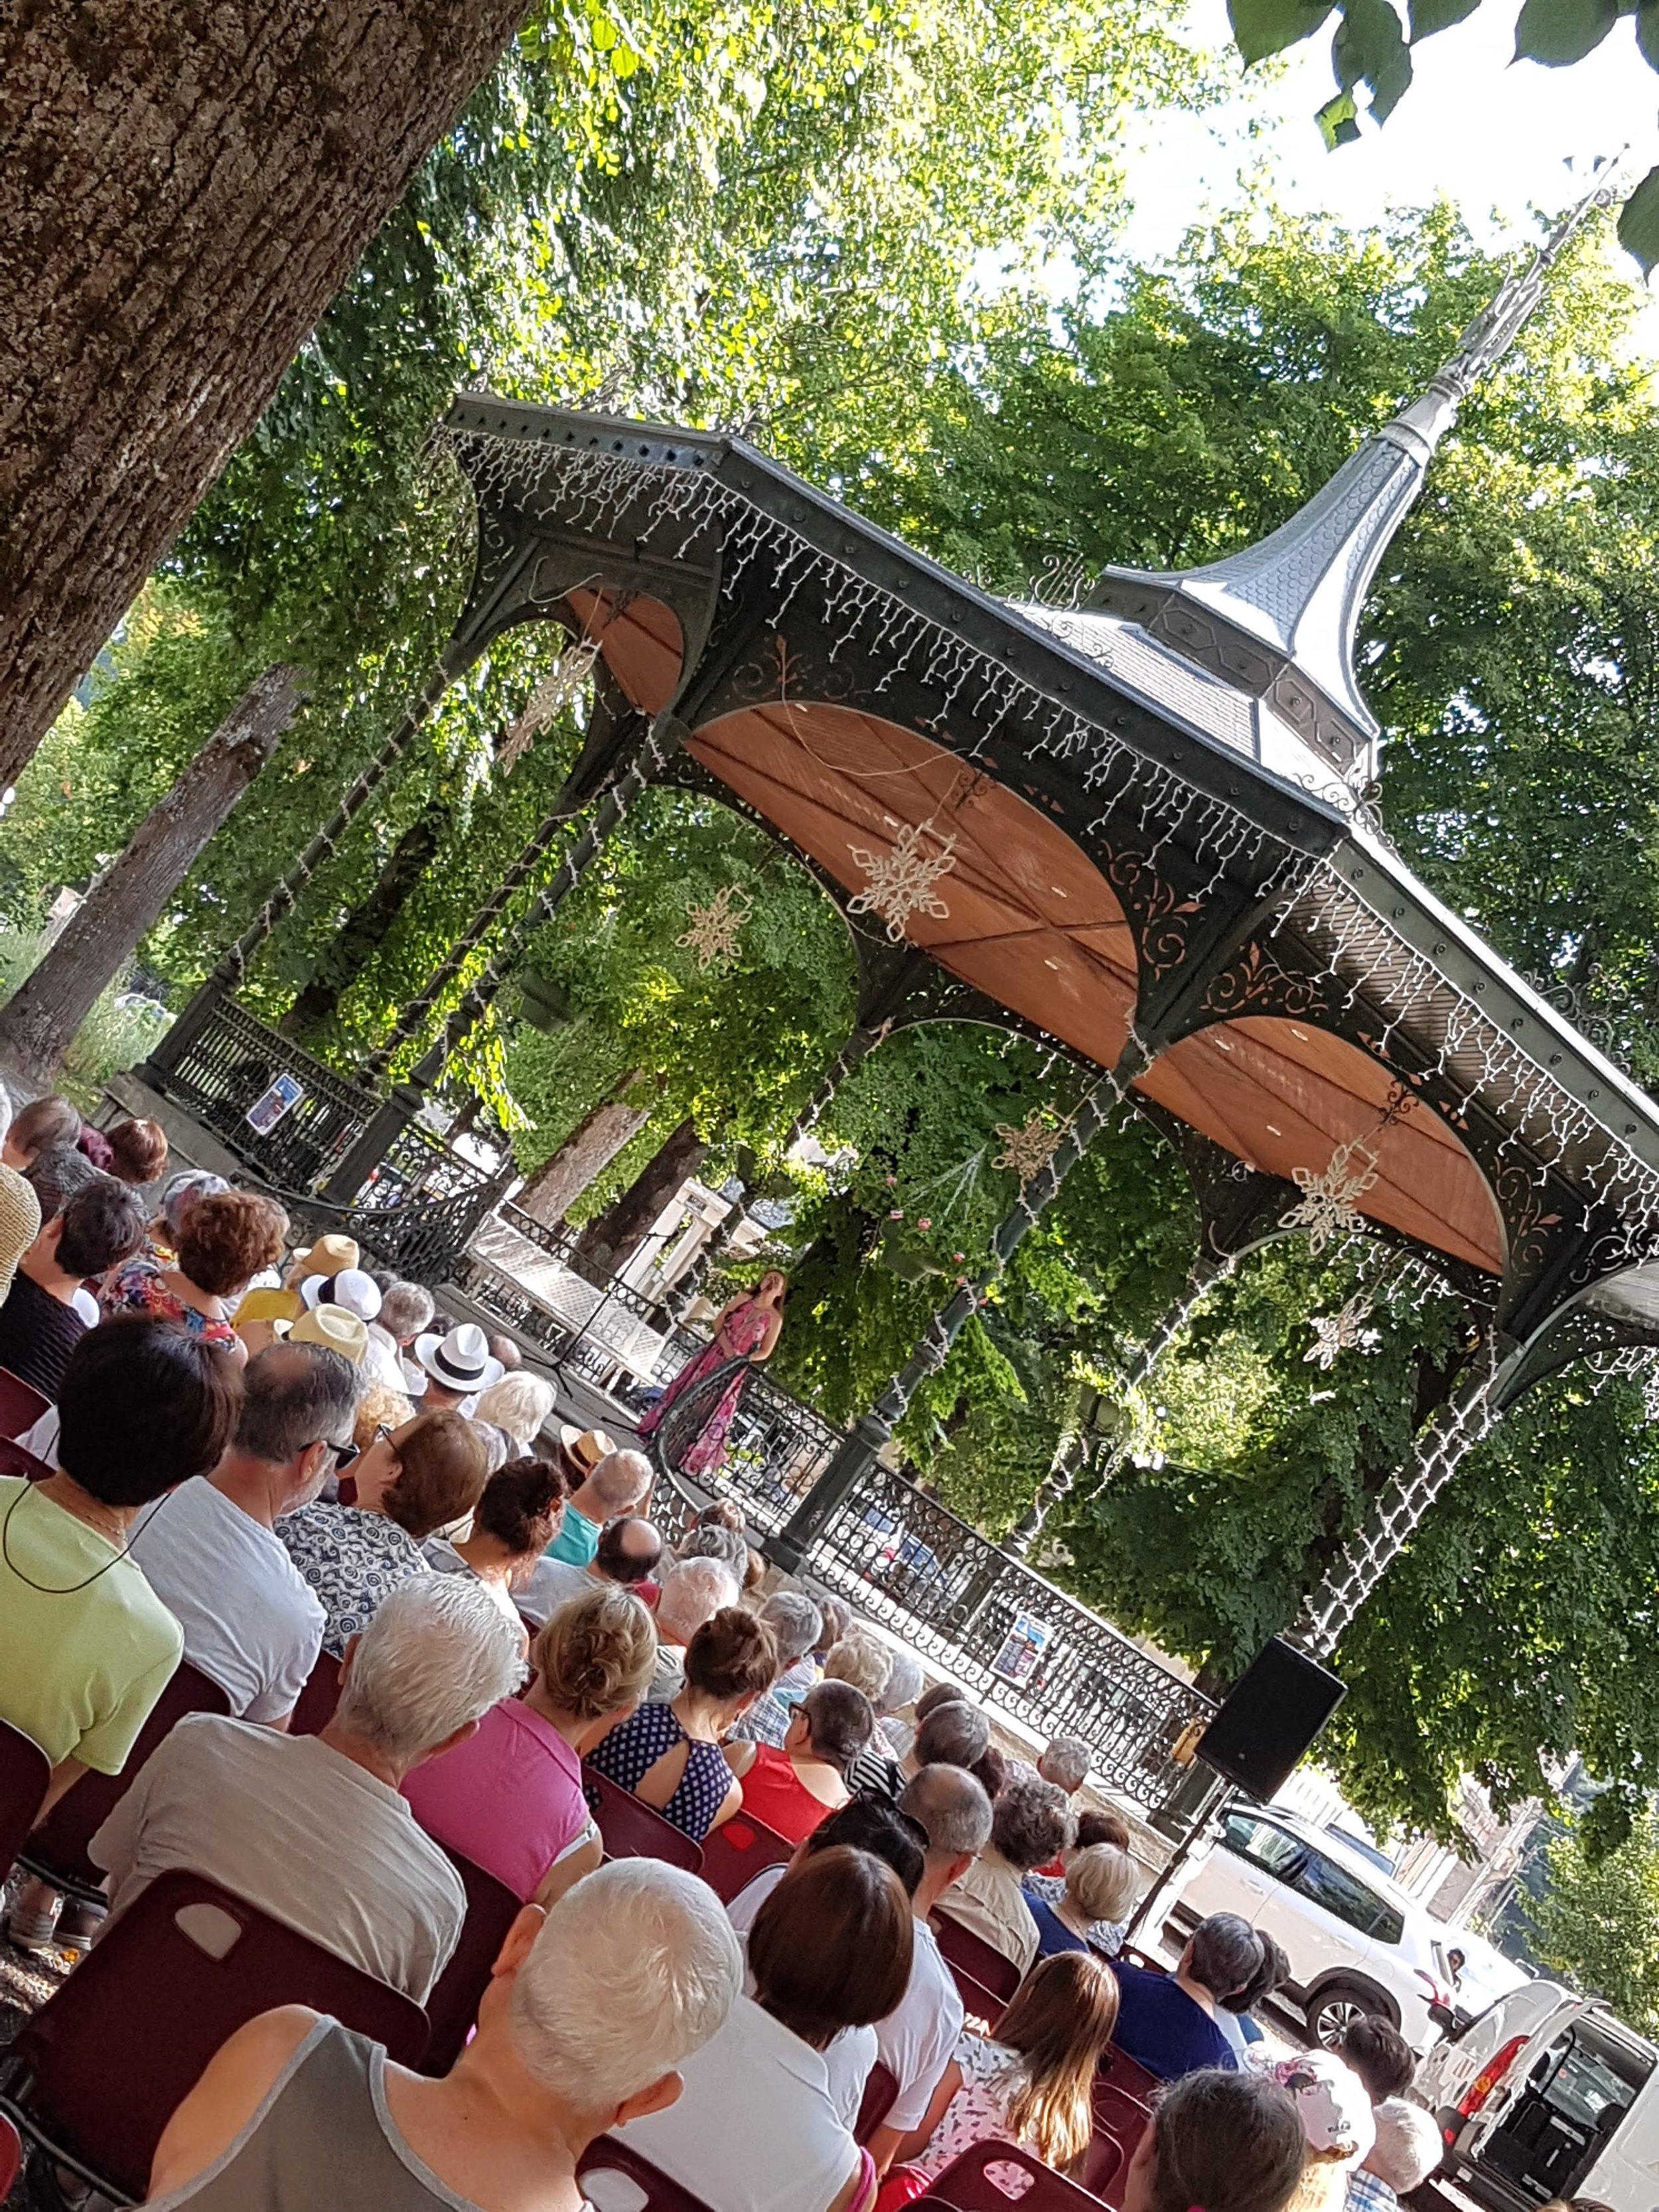 Luchon bandstand